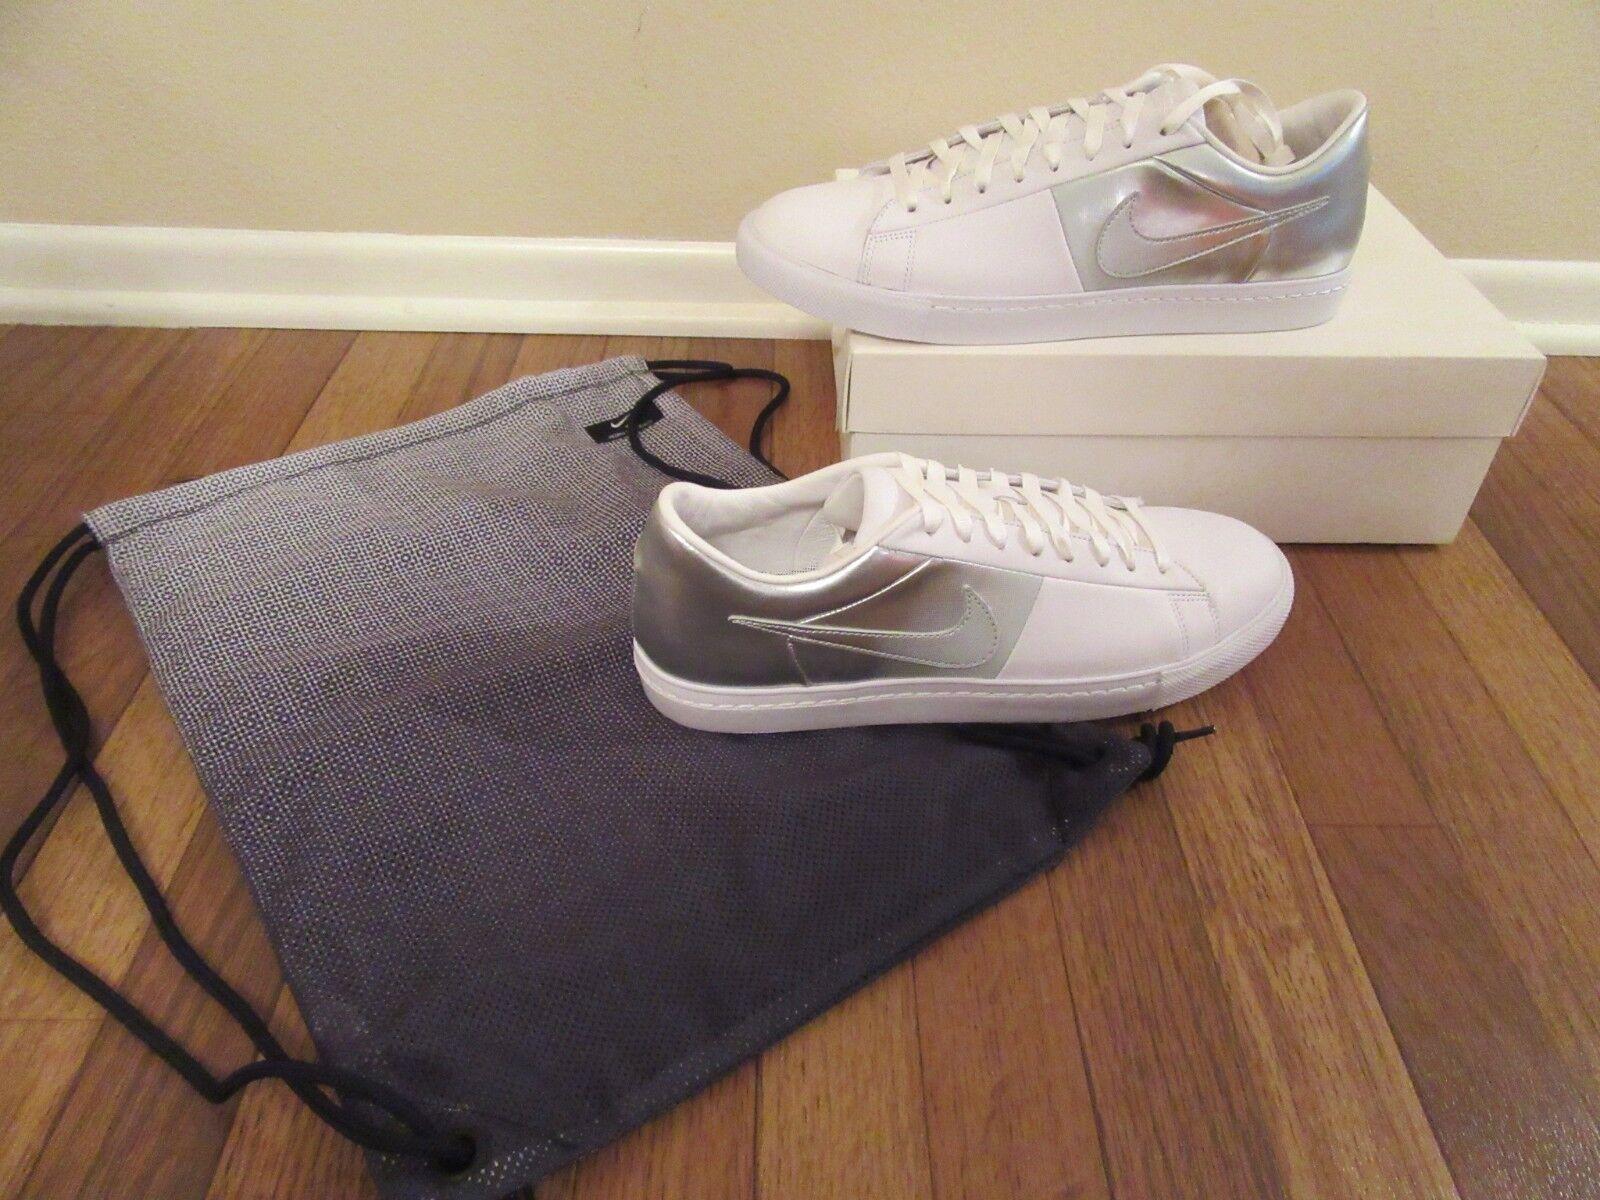 Nike Blazer Low SP   Pedro Lourenco Size 11.5 White Chrome 718798 100 Brand New